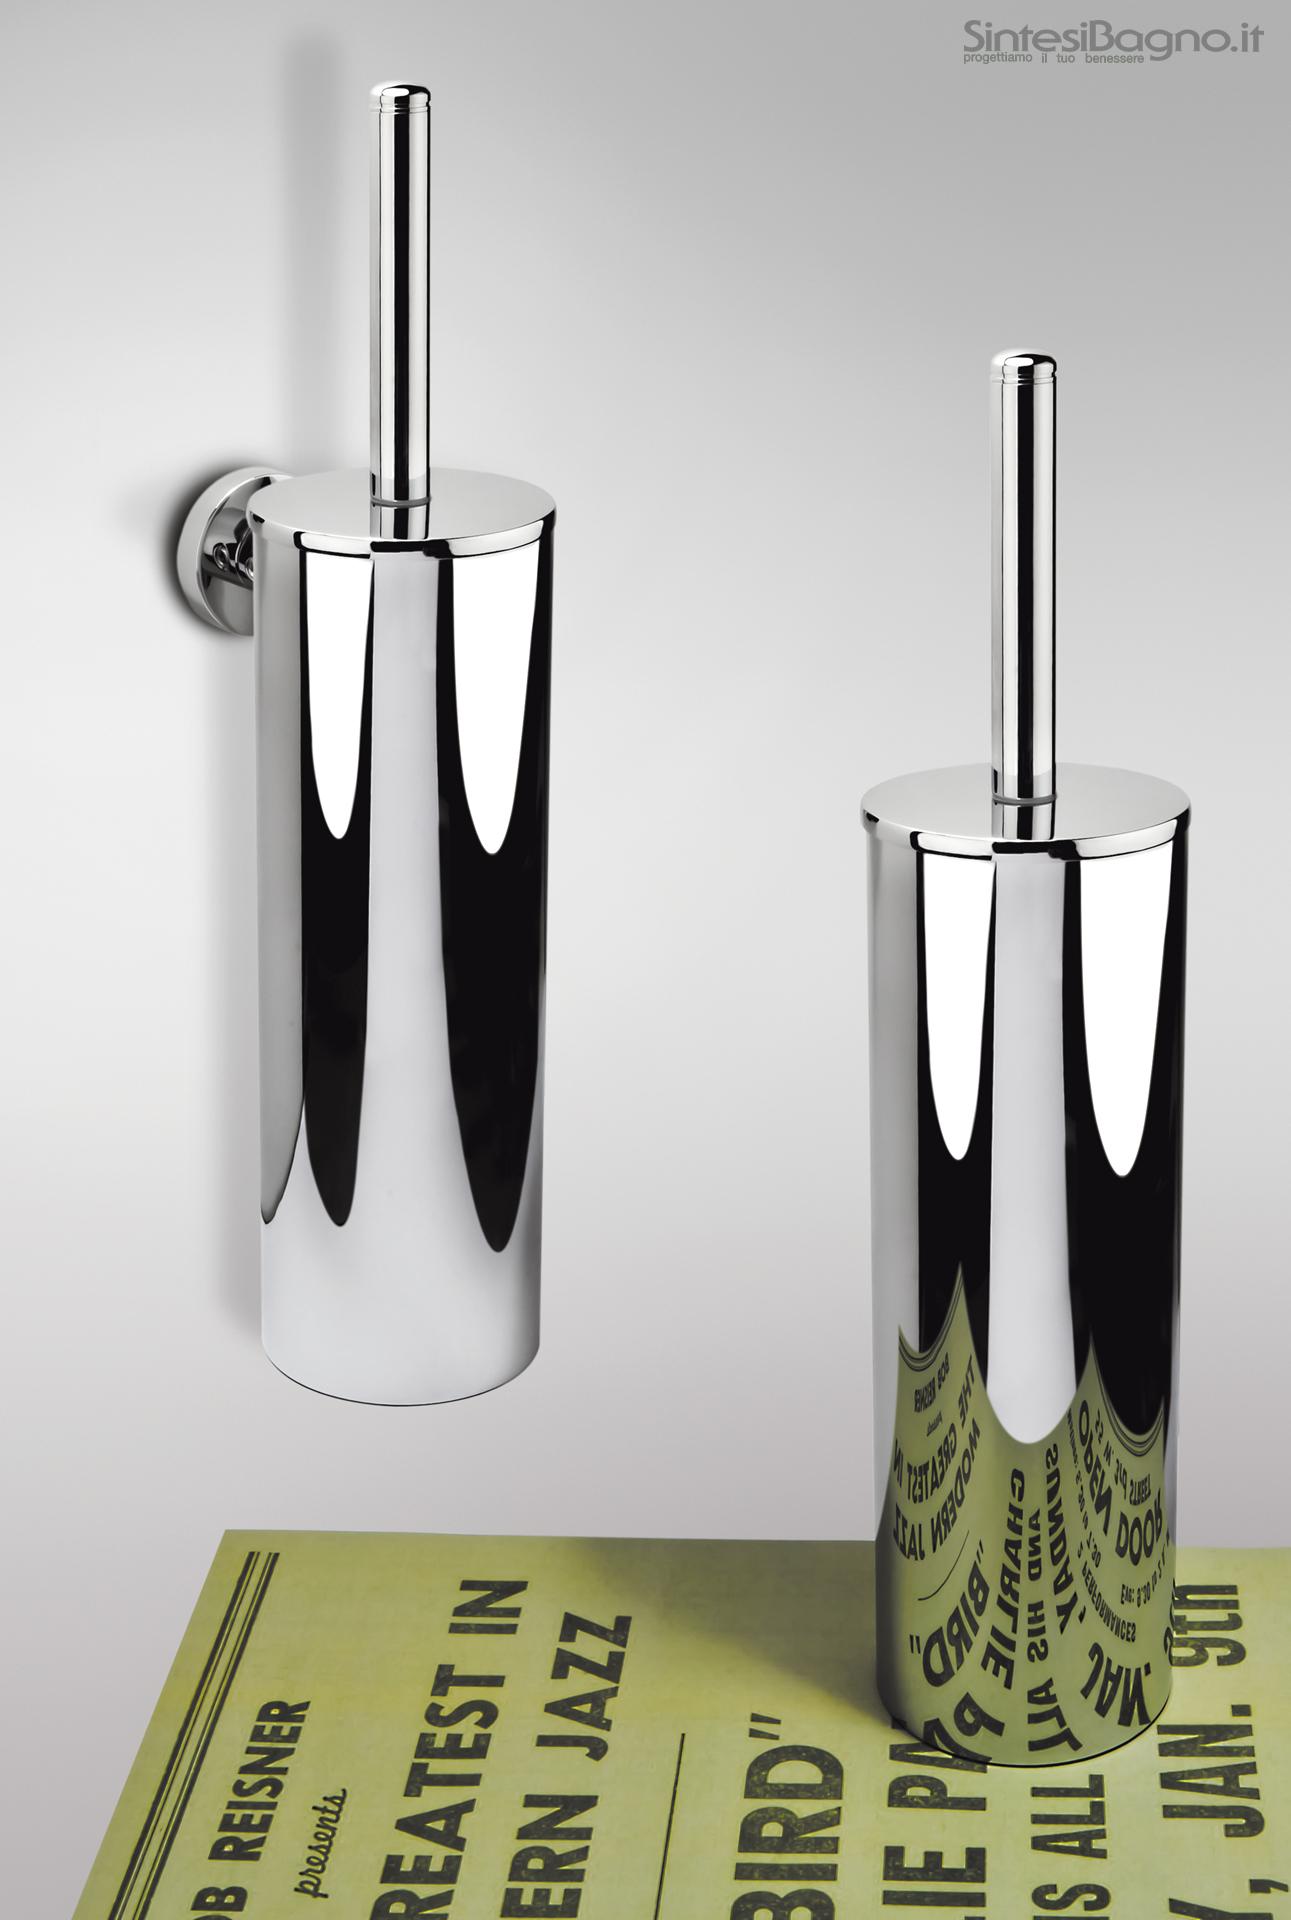 """Gli ACCESSORI BAGNO a """"prezzo accessibile"""" serie BASIC di COLOMBO Design - ARREDOBAGNO NEWS"""